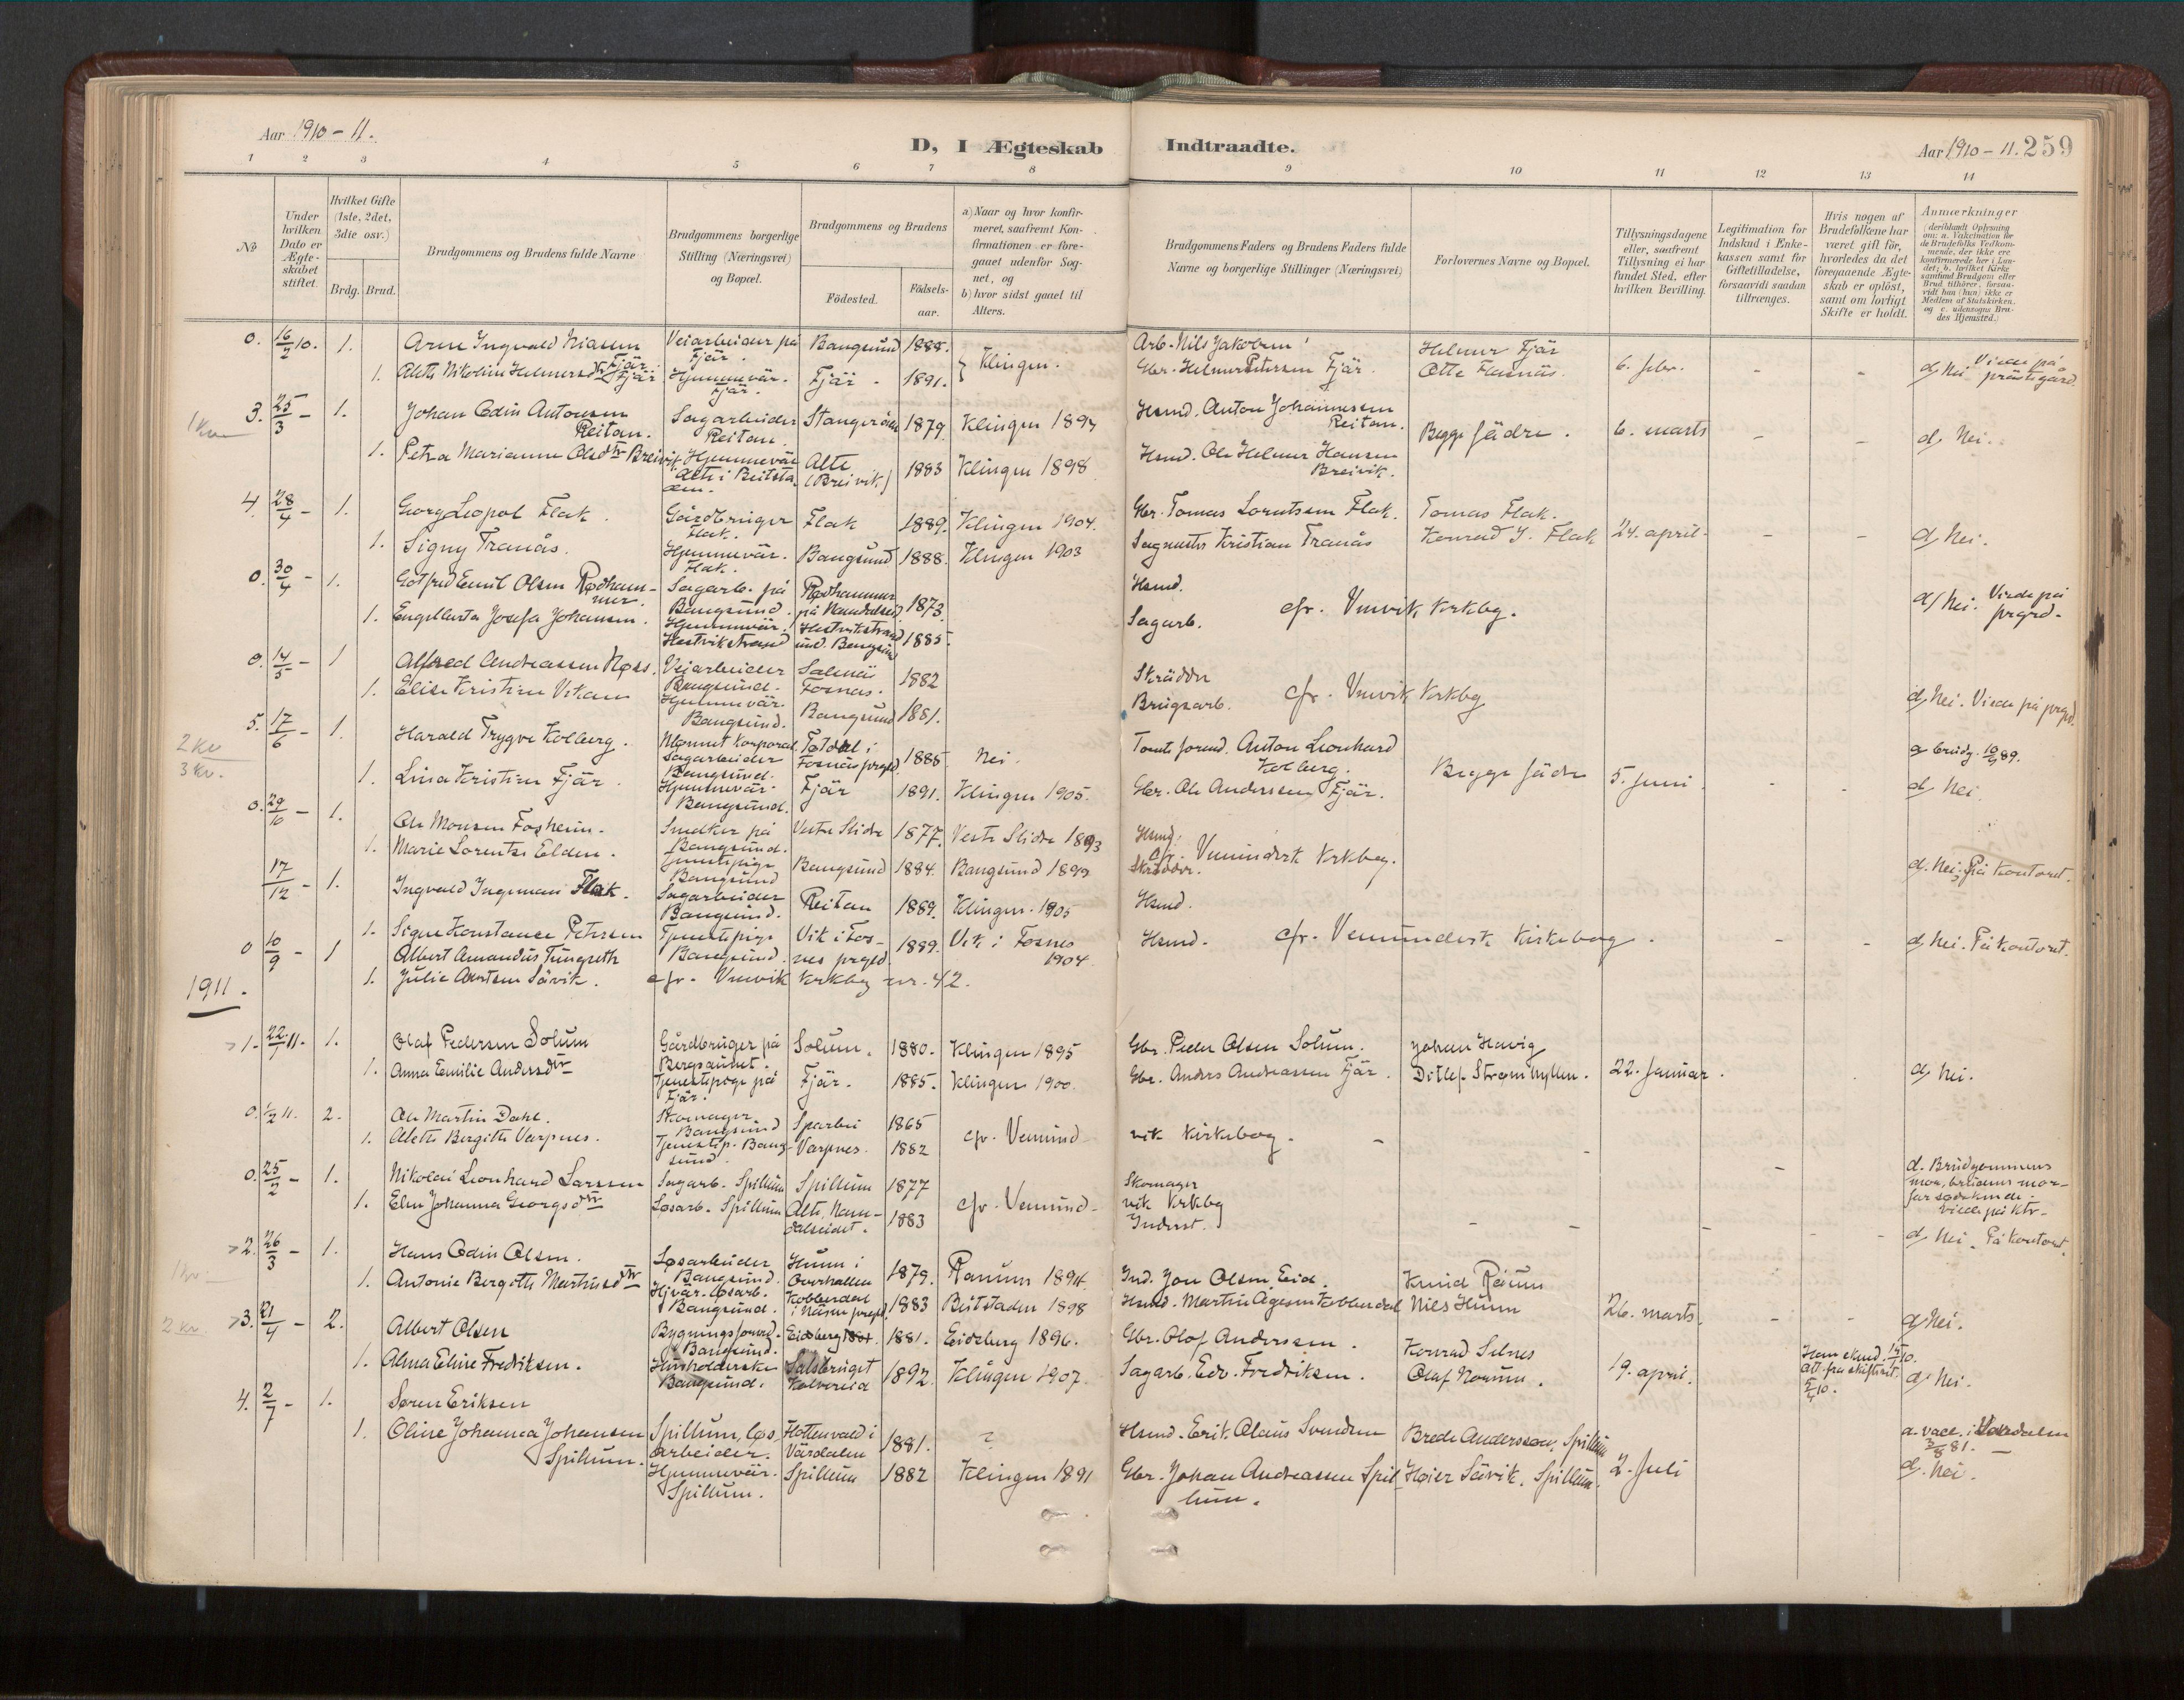 SAT, Ministerialprotokoller, klokkerbøker og fødselsregistre - Nord-Trøndelag, 770/L0589: Ministerialbok nr. 770A03, 1887-1929, s. 259